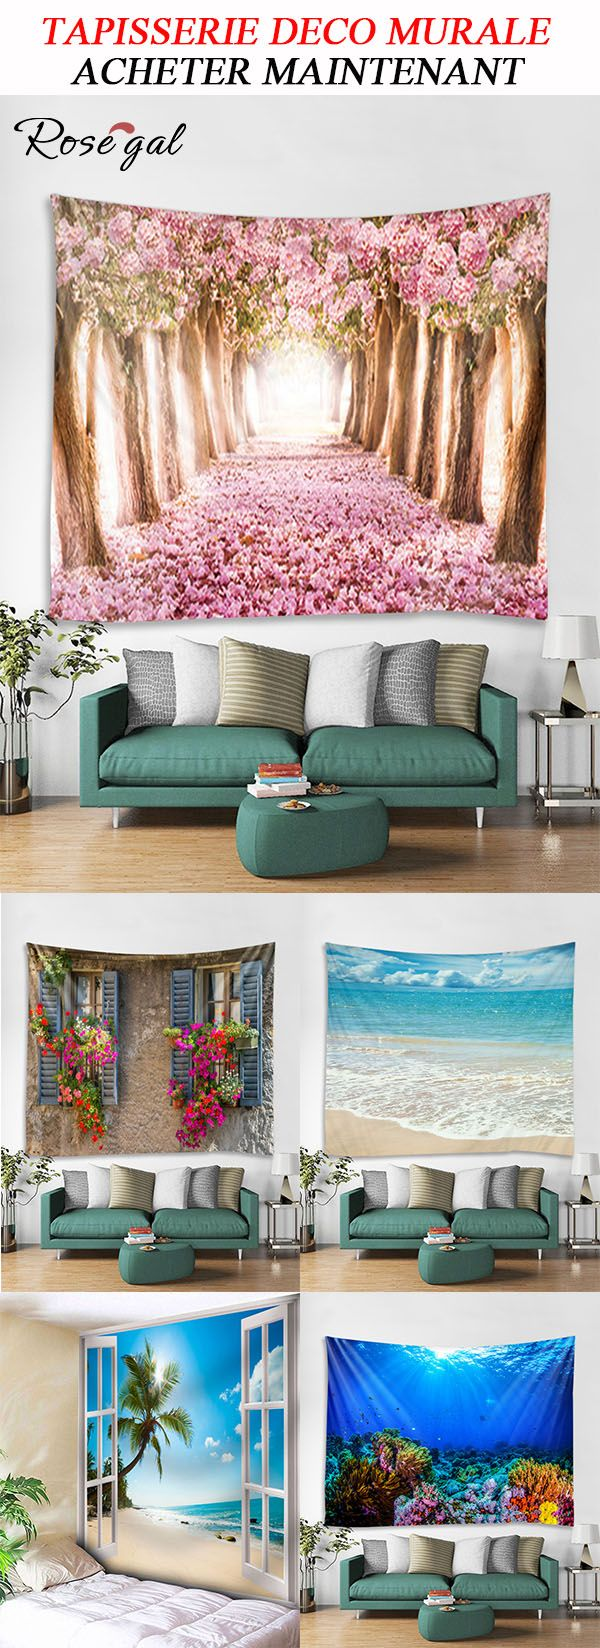 tapisserie murale tapisserie moderne tapisserie design. Black Bedroom Furniture Sets. Home Design Ideas